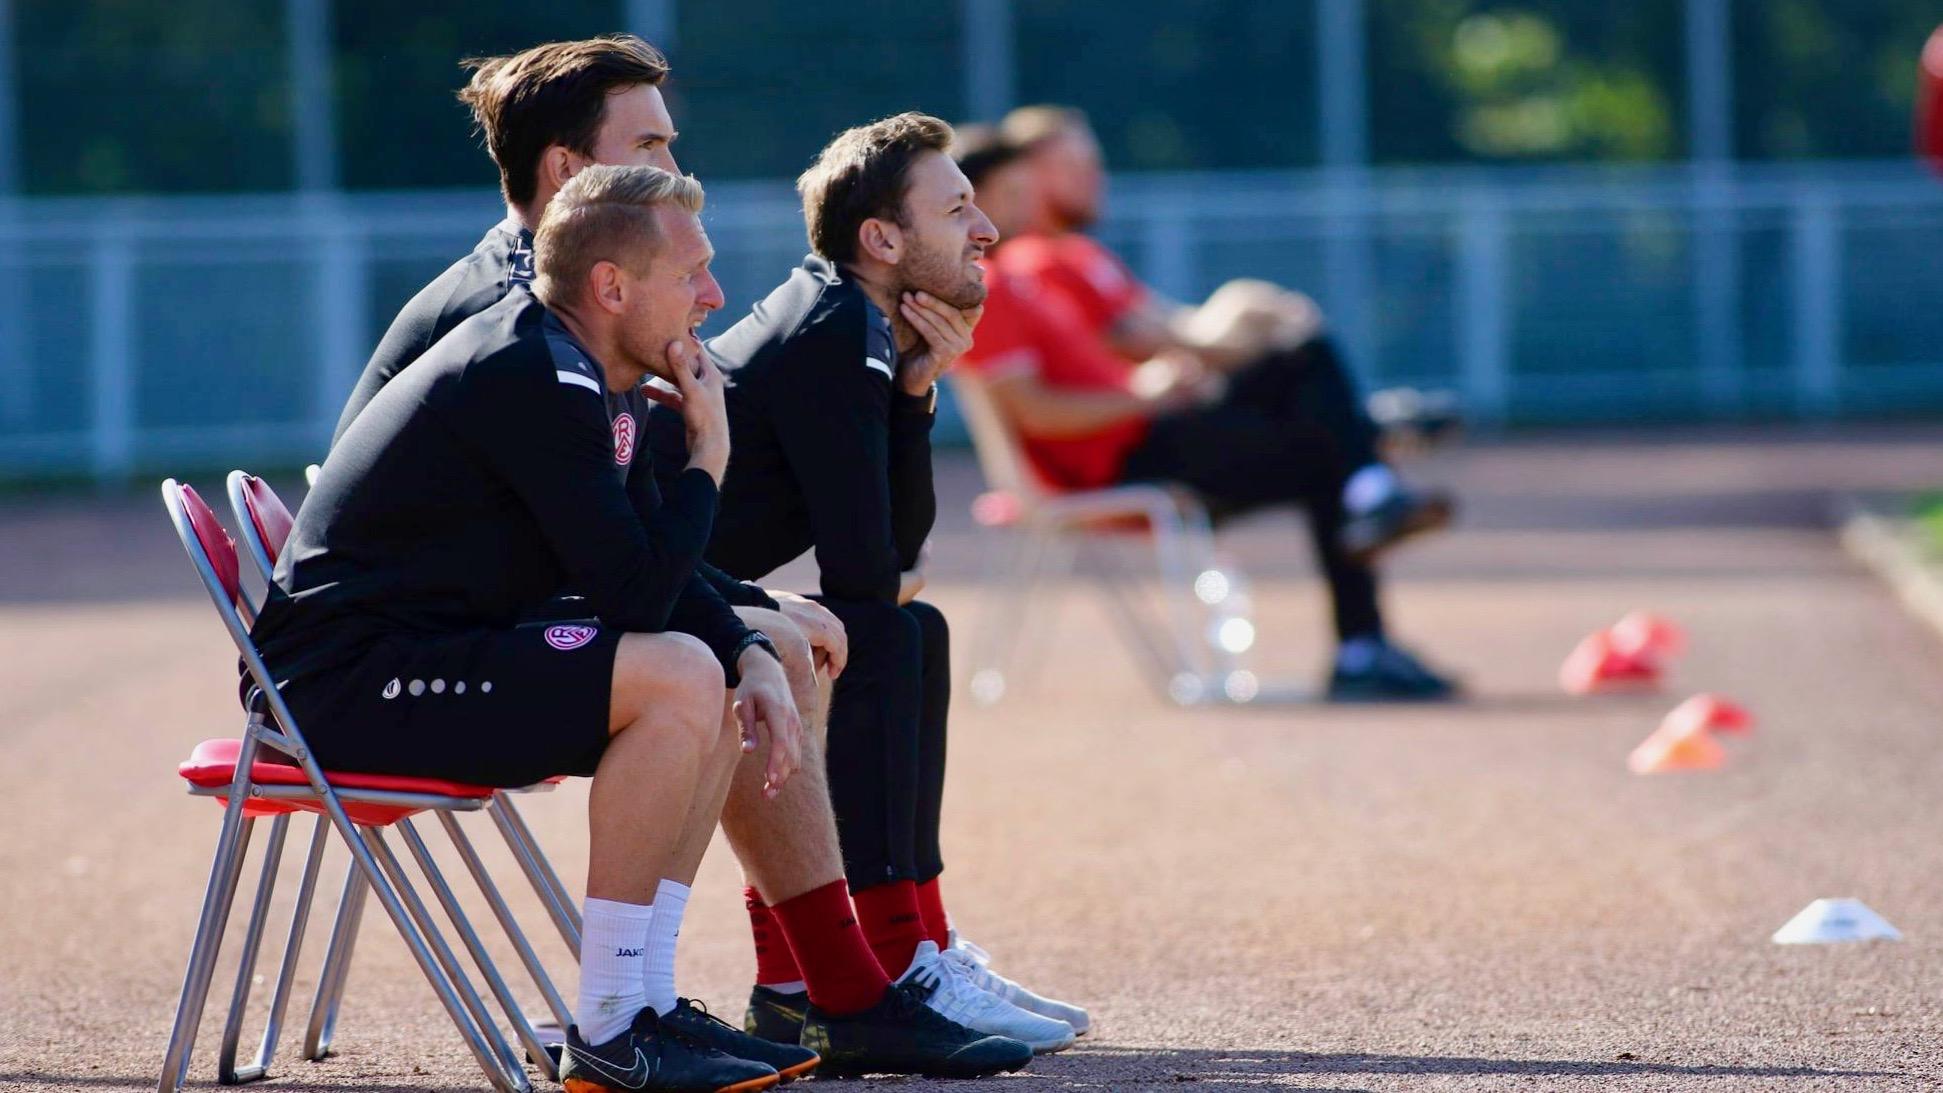 U19-Coach Damian Apfeld will mit einem Sieg den Fehlstart vermeiden. (Foto: Breilmannswiese)